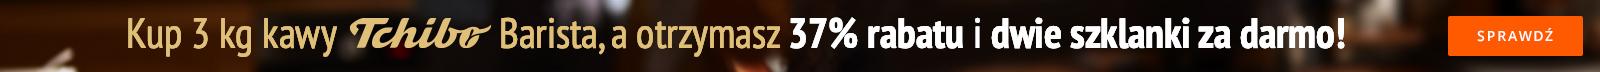 top header 1600x72